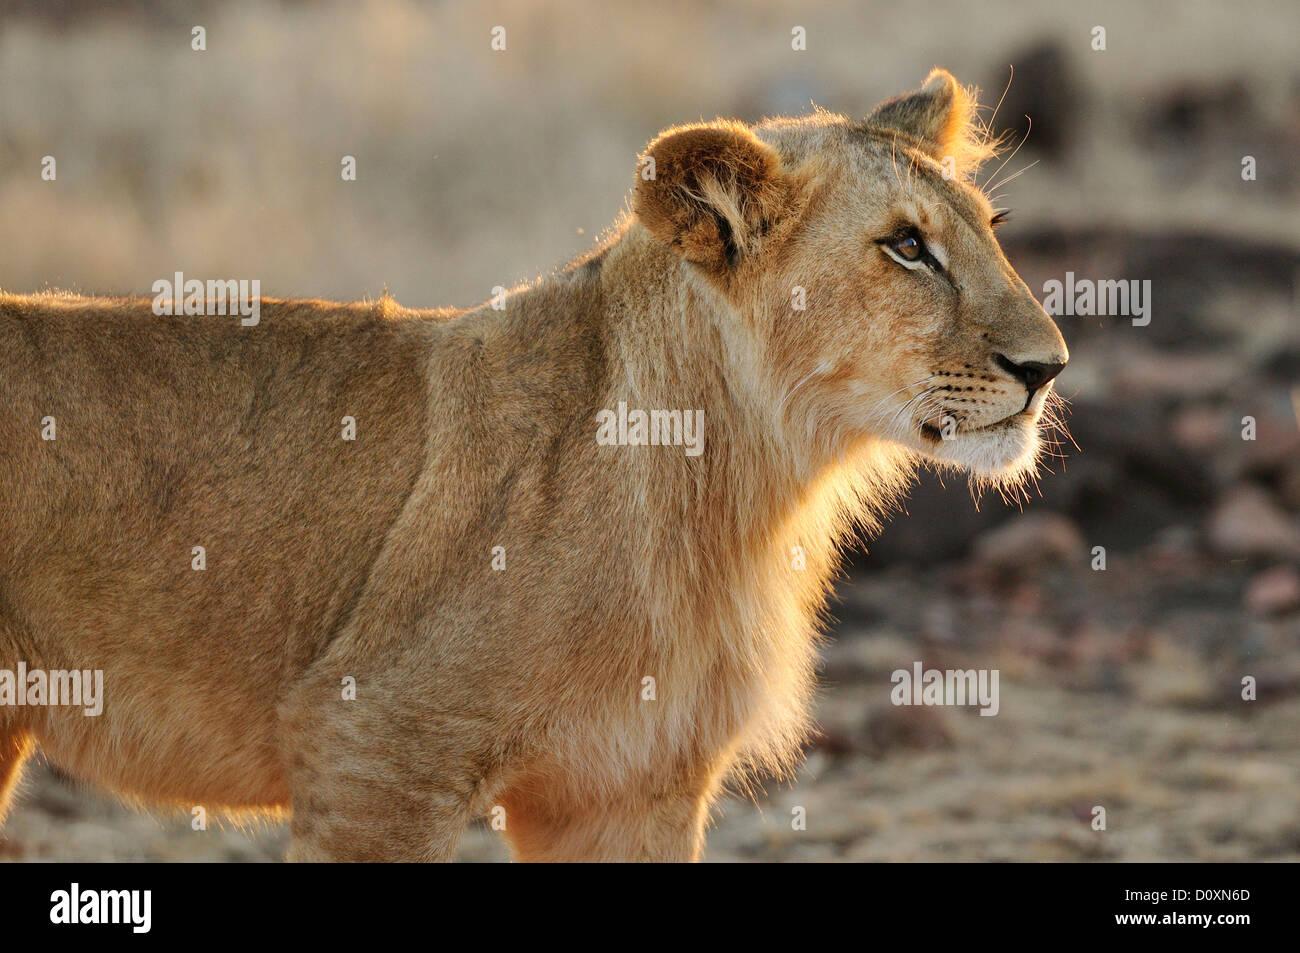 L'Afrique, le Zimbabwe, les chutes Victoria, le lion, le lion, animal Photo Stock